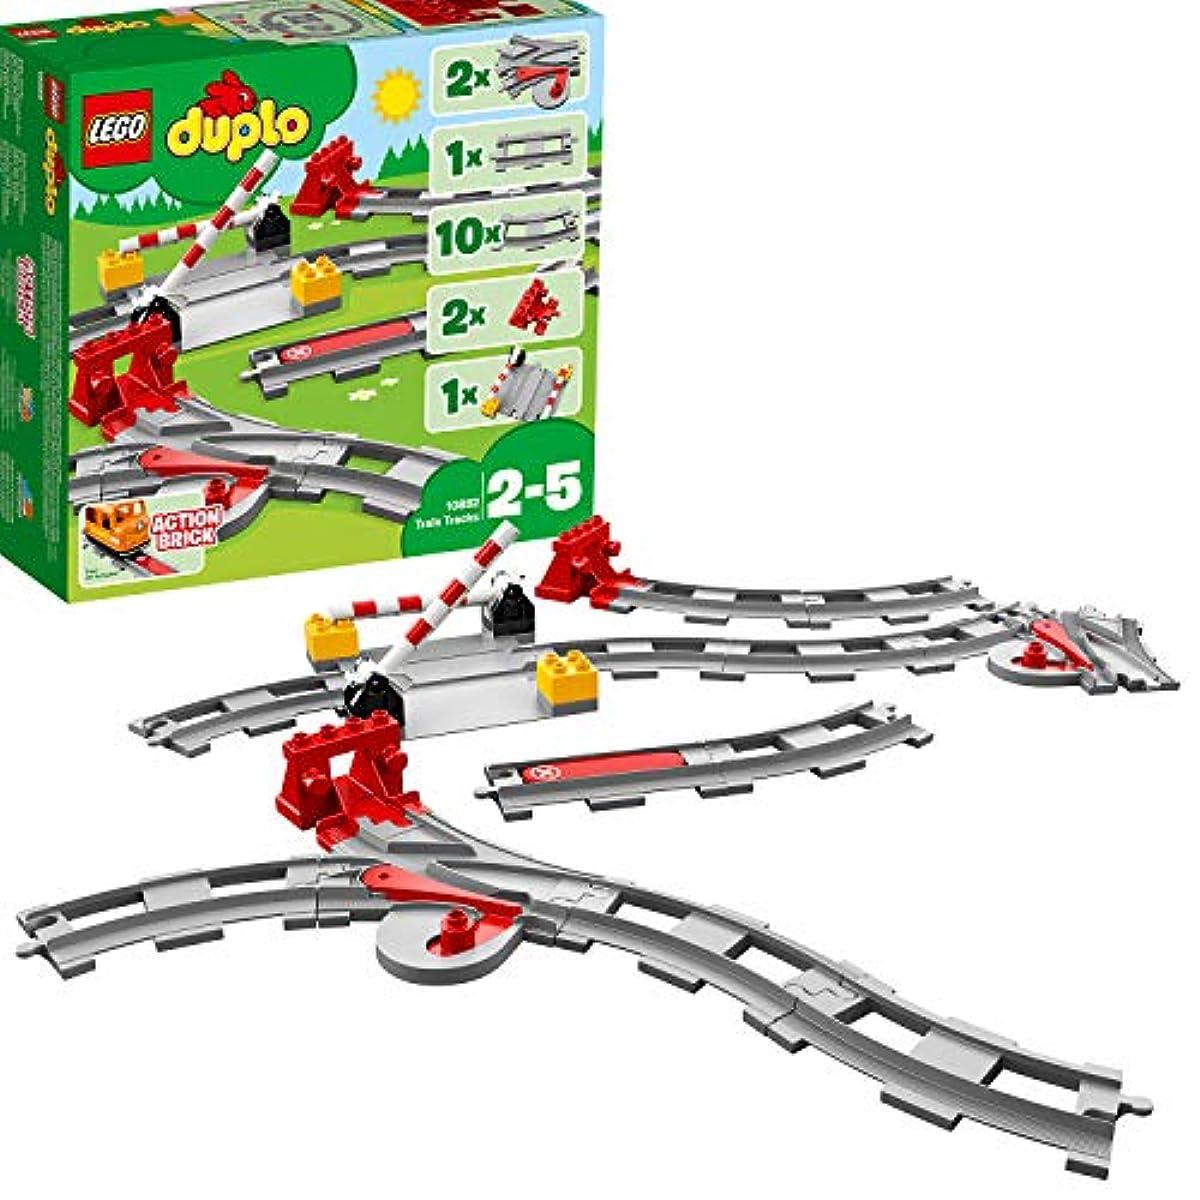 [해외] 레고(LEGO)듀플로 놀예거 퍼진! 건널목 레일 세트 10882